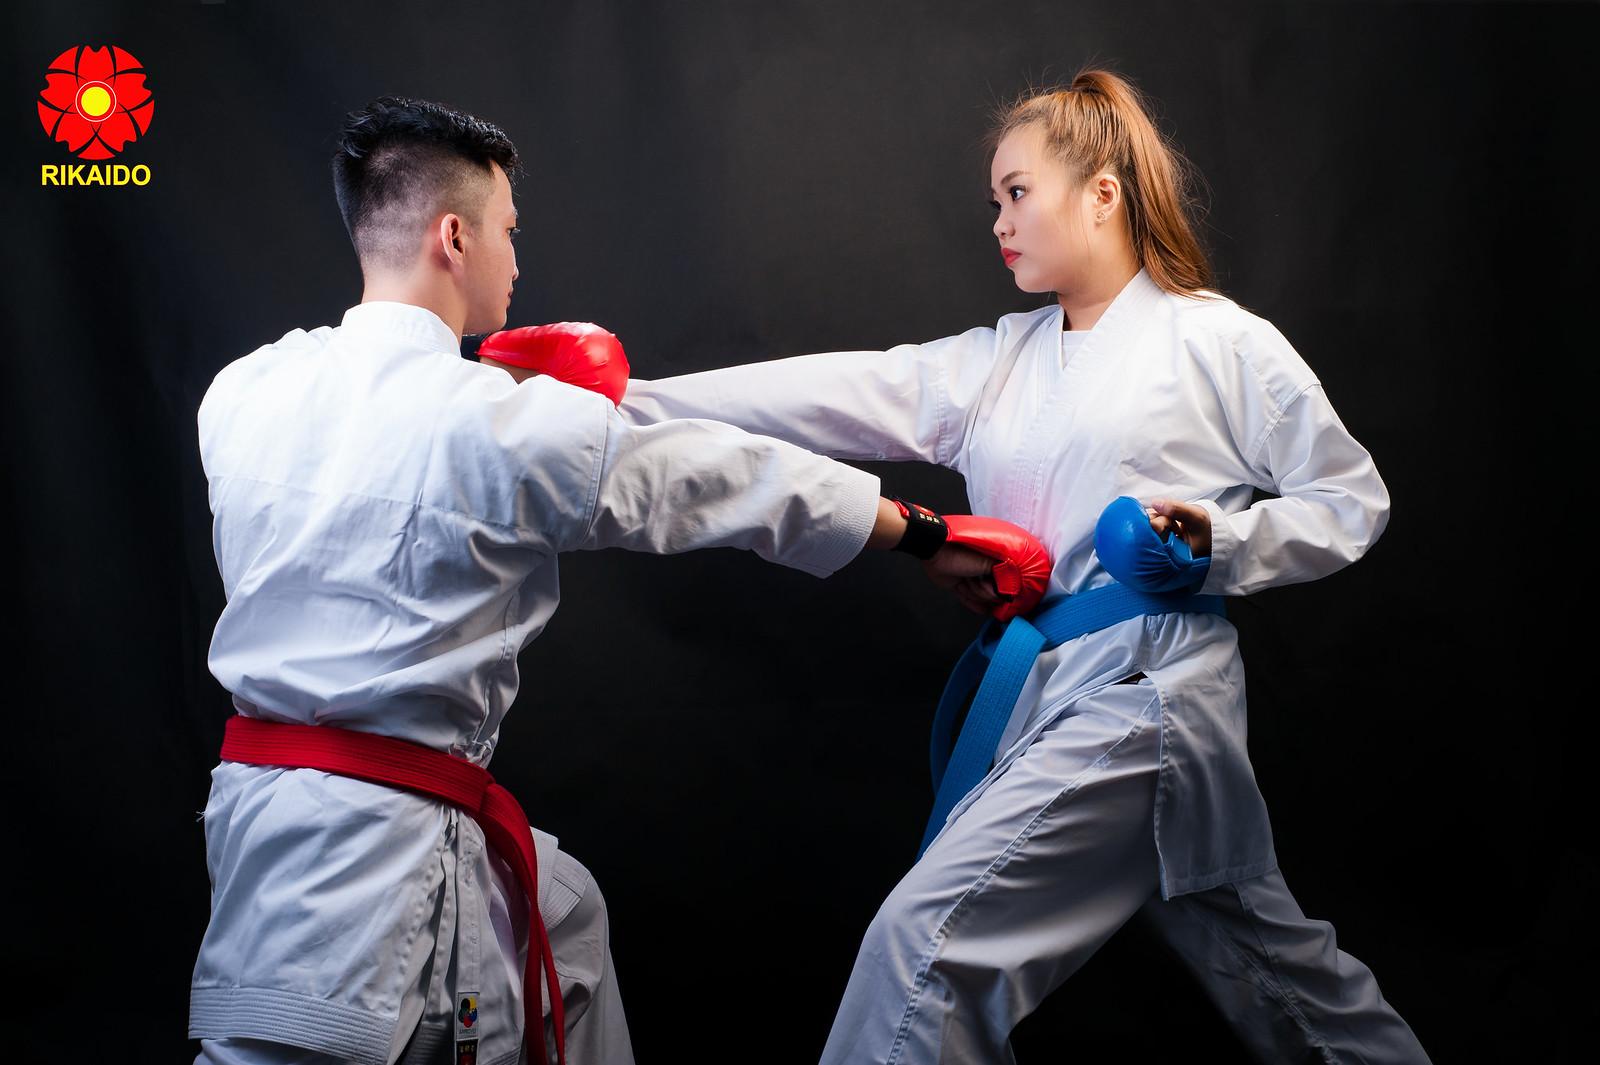 43930569452 e26ef6df2e h - Ảnh nghệ thuật karate chụp trong studio